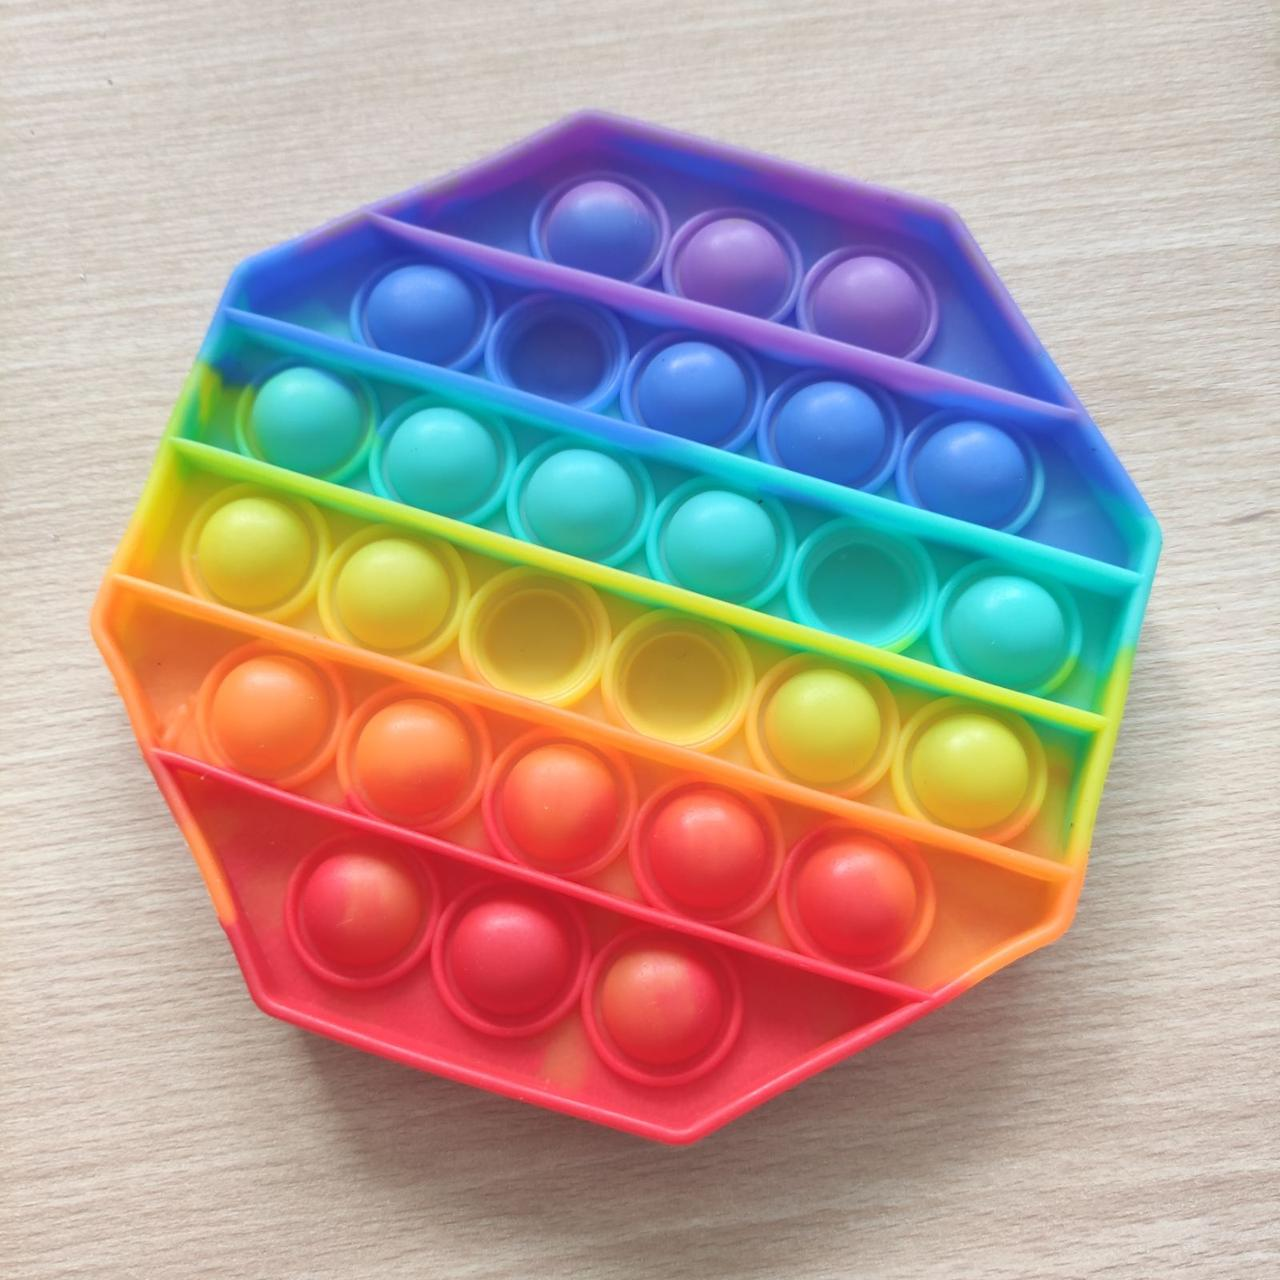 Антистресс Pop It разноцветный восьмиугольный